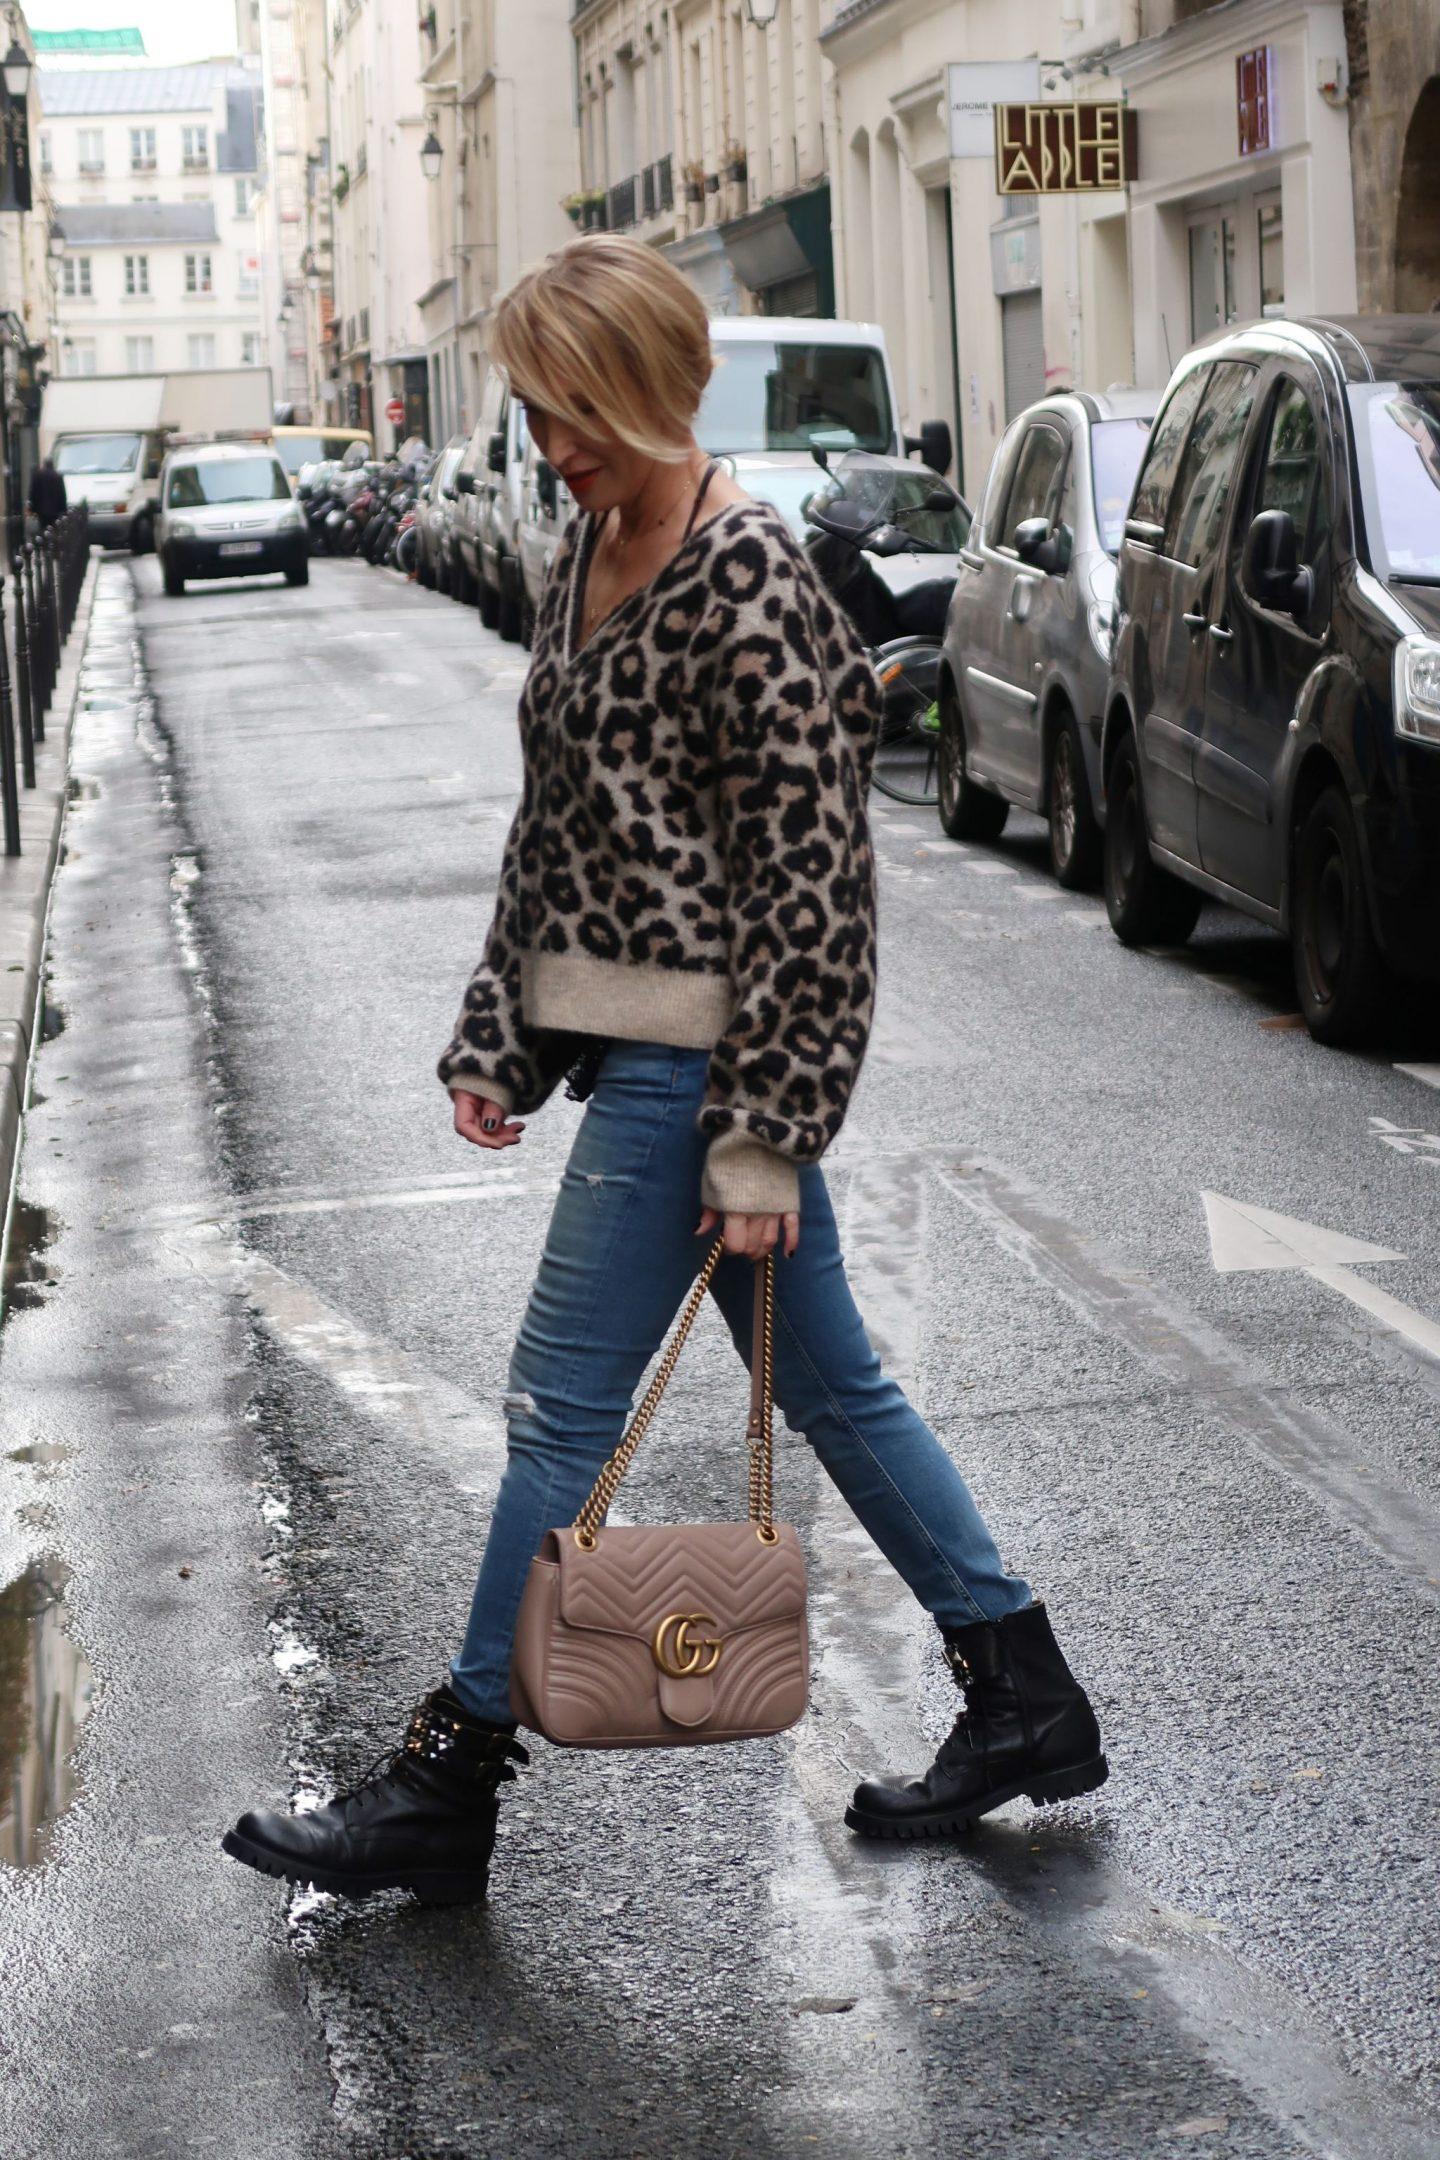 glamupyourlifestyle leo-muster animal-print Leo-Pullover ü40-mode ue40-Blog pariser-chic gucci-tasche